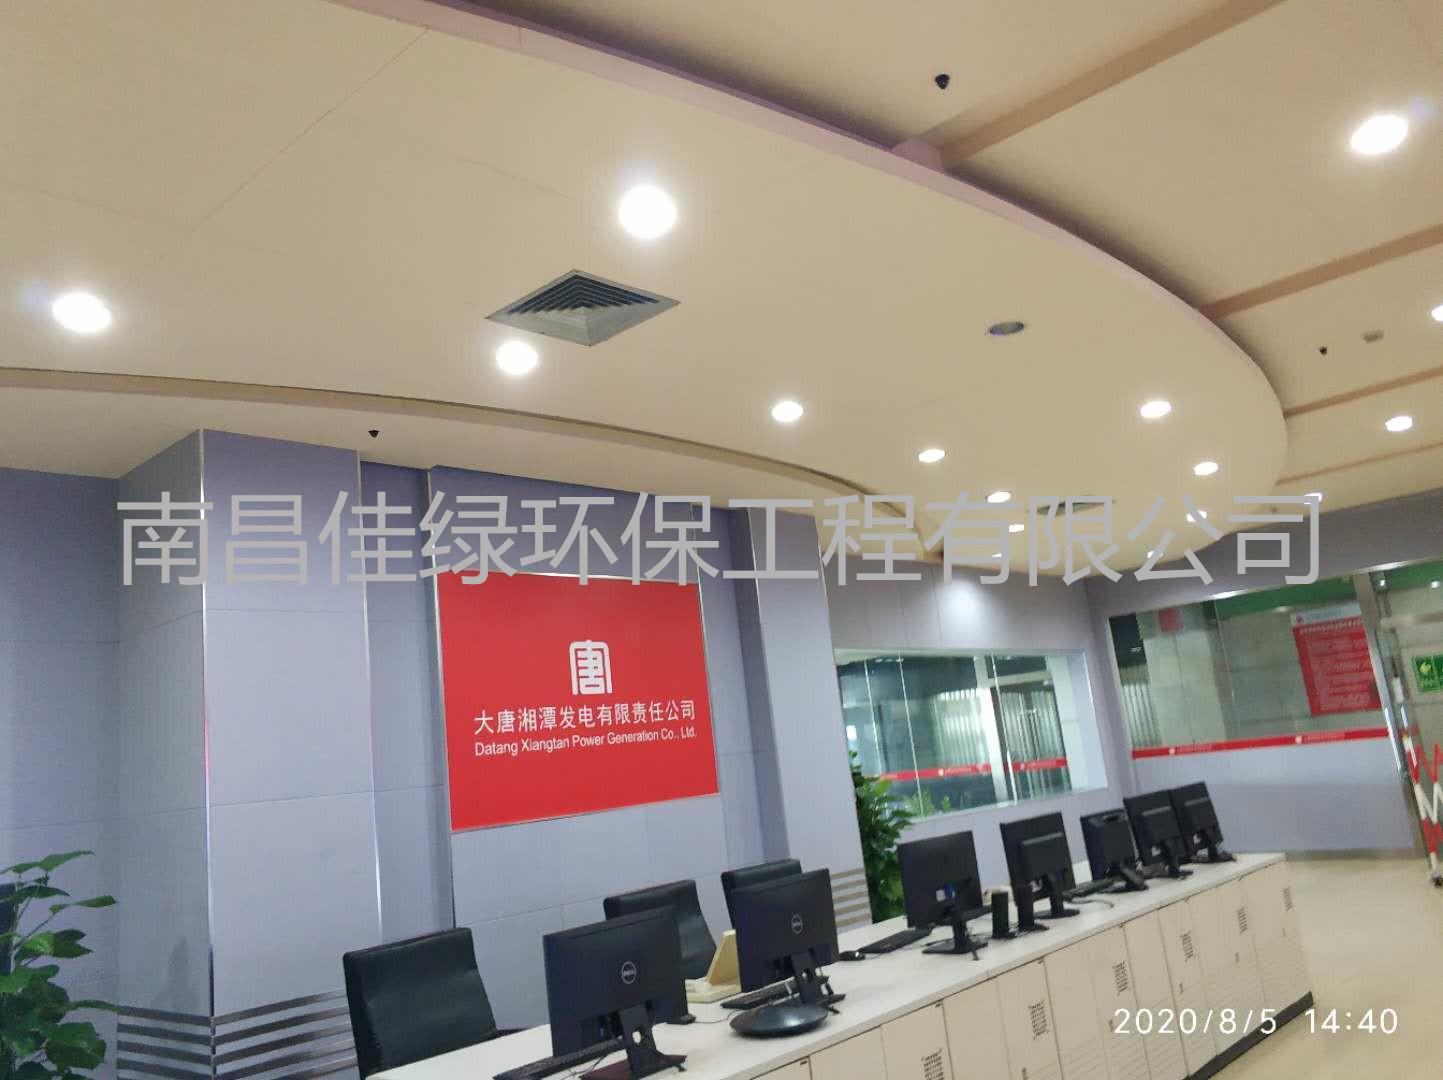 大唐湘潭發電有限責任公司二期集控室聲學裝修